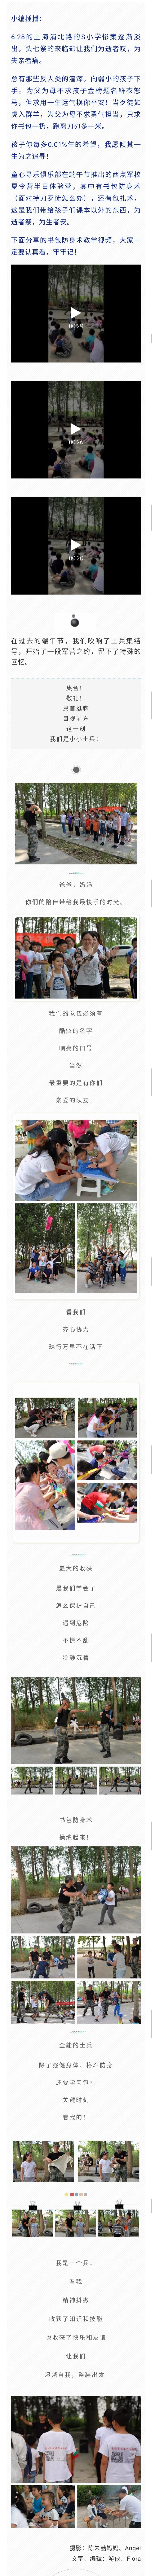 微信图片_20180706102017.jpg